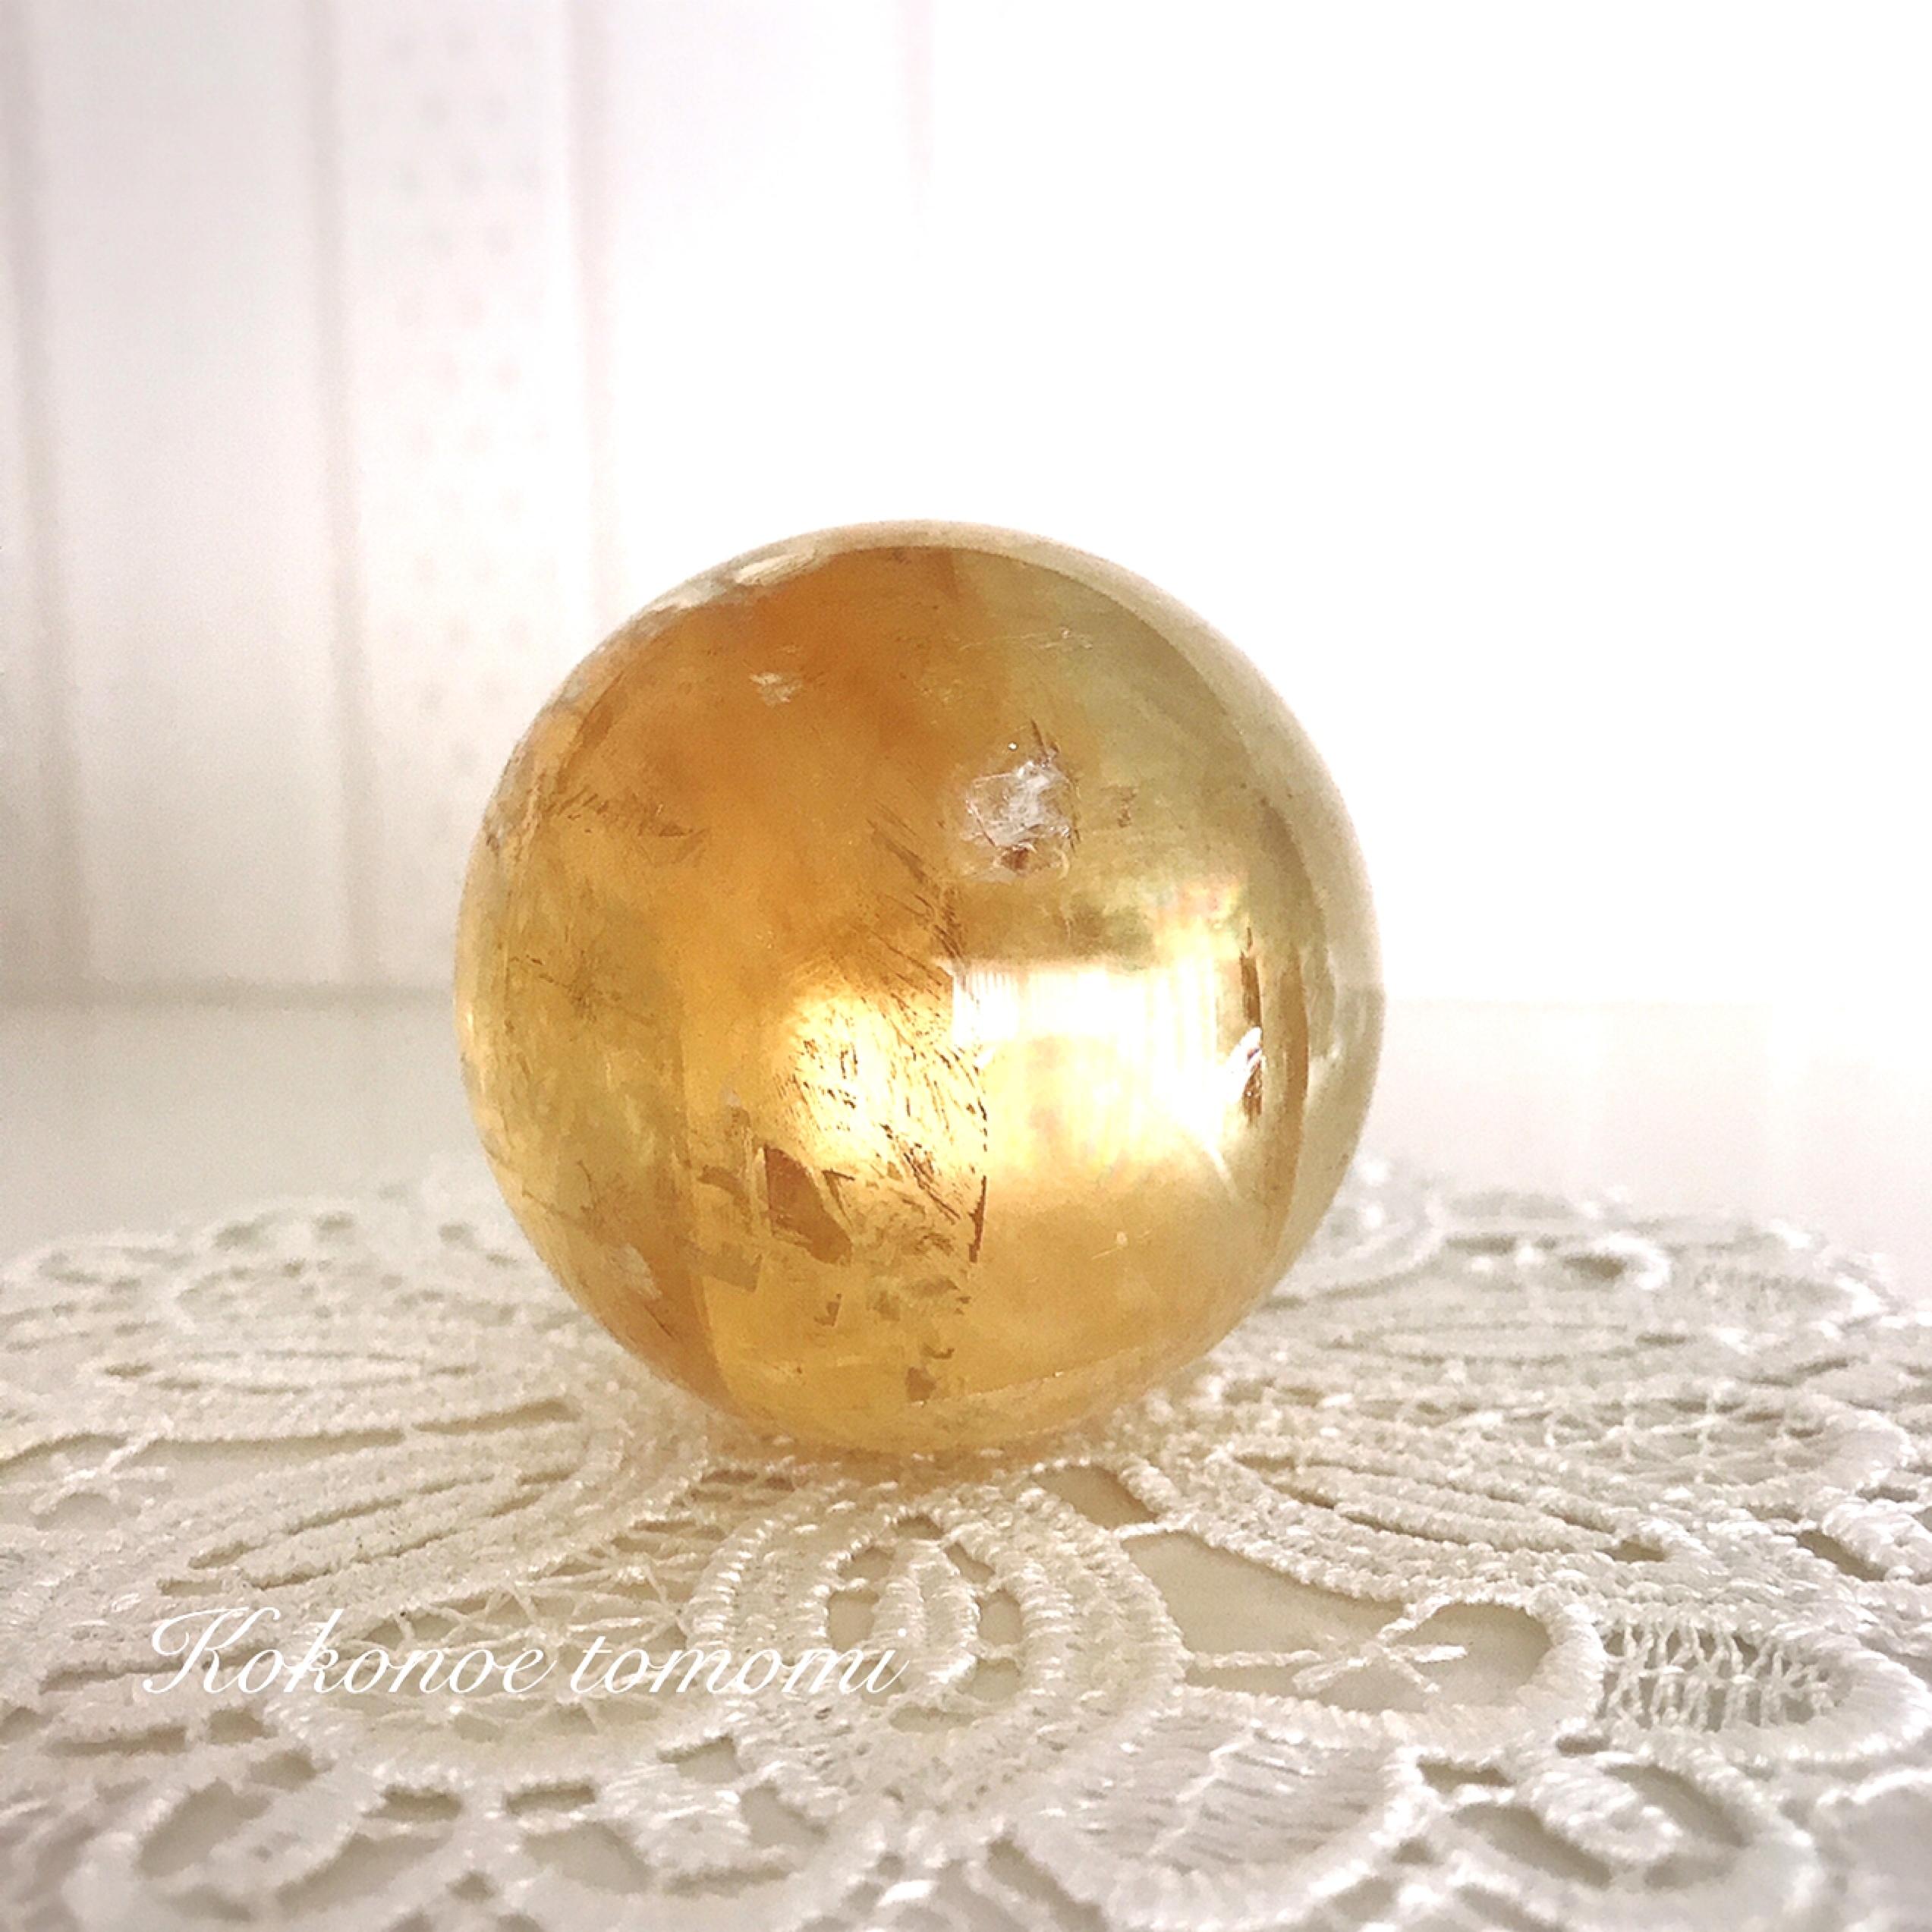 【限定1】最大限のパワーを発揮し、金運を引き寄せる・高品質ゴールデンカルサイト